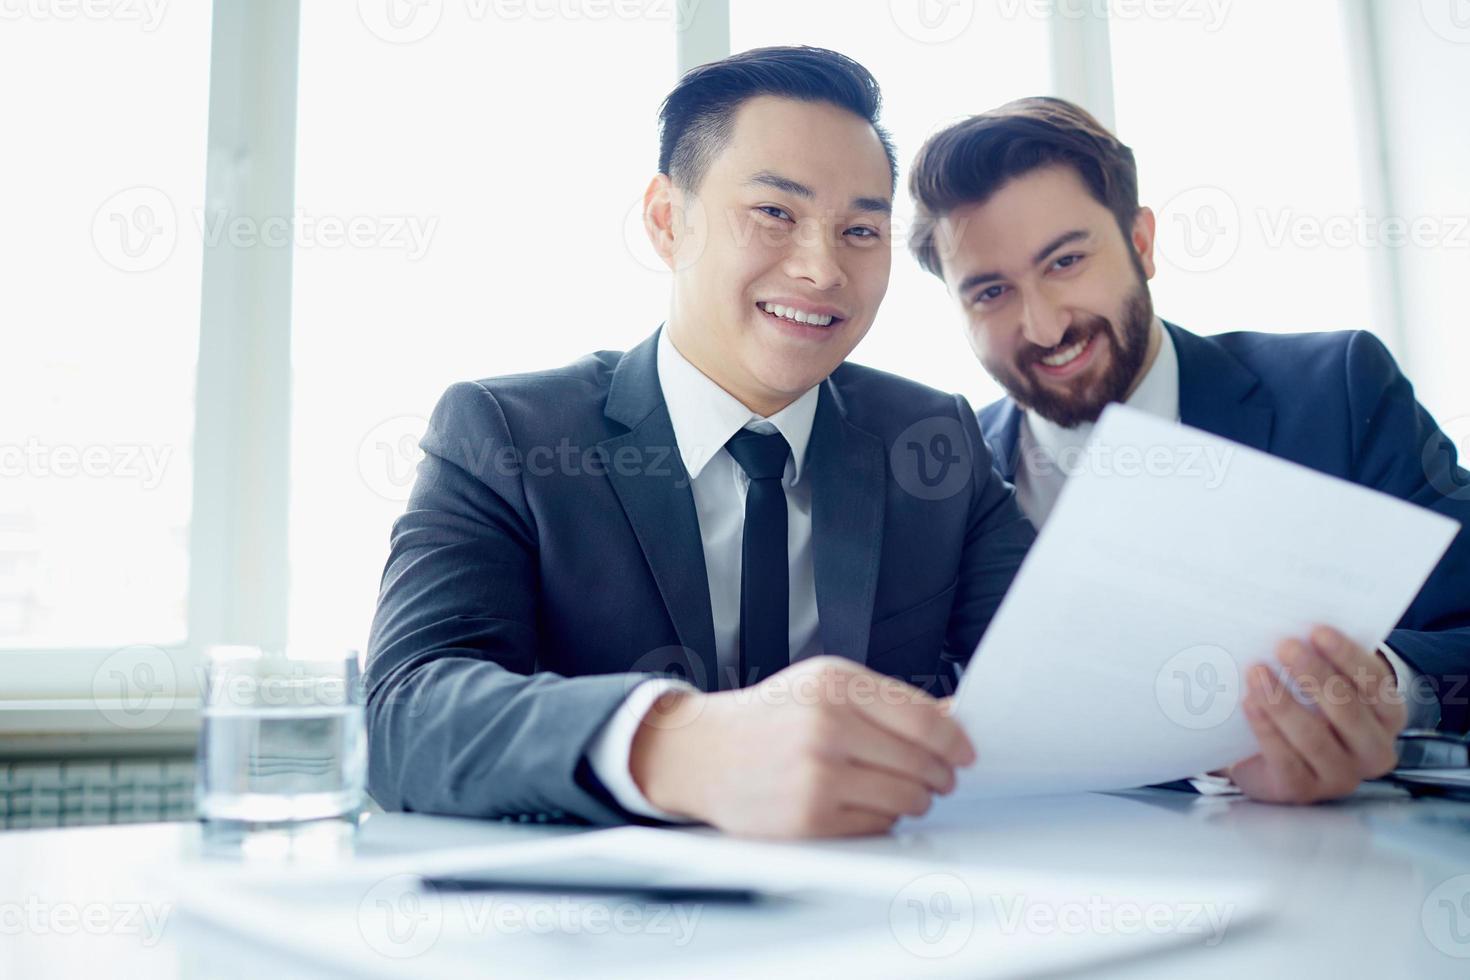 partenaires heureux photo